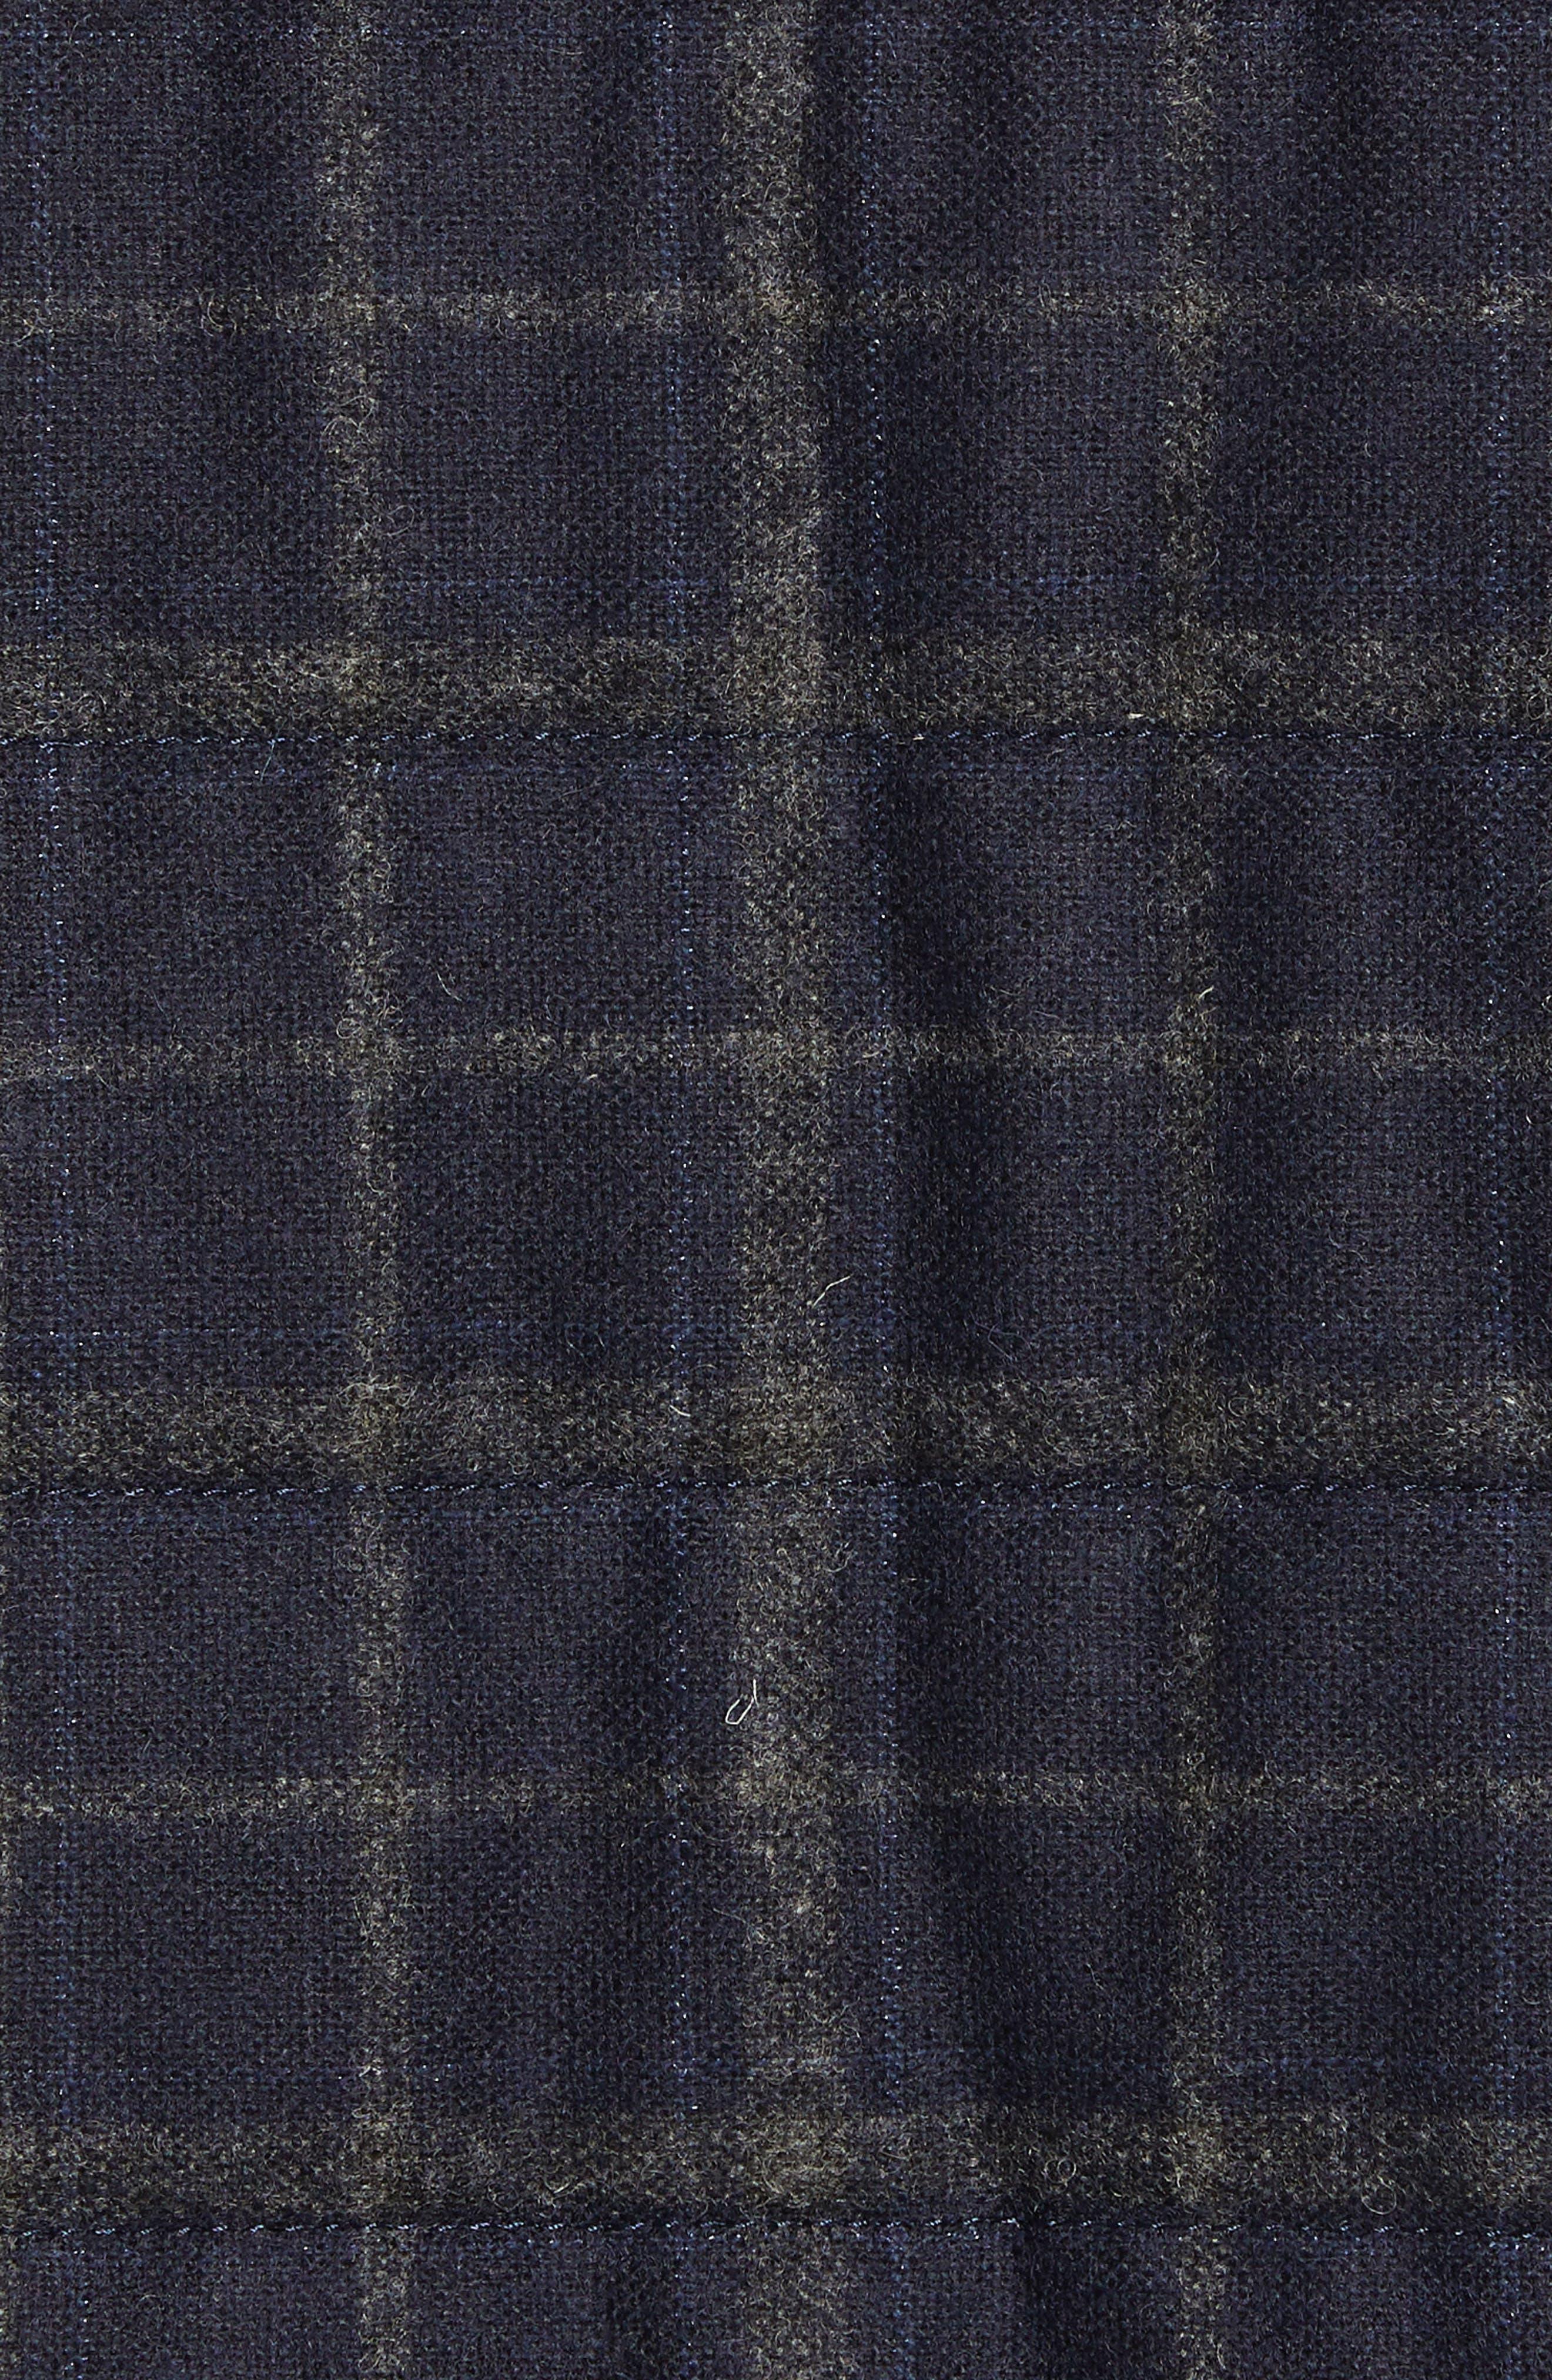 McClement Leather Trim Wool Blend Vest,                             Alternate thumbnail 7, color,                             BLUE